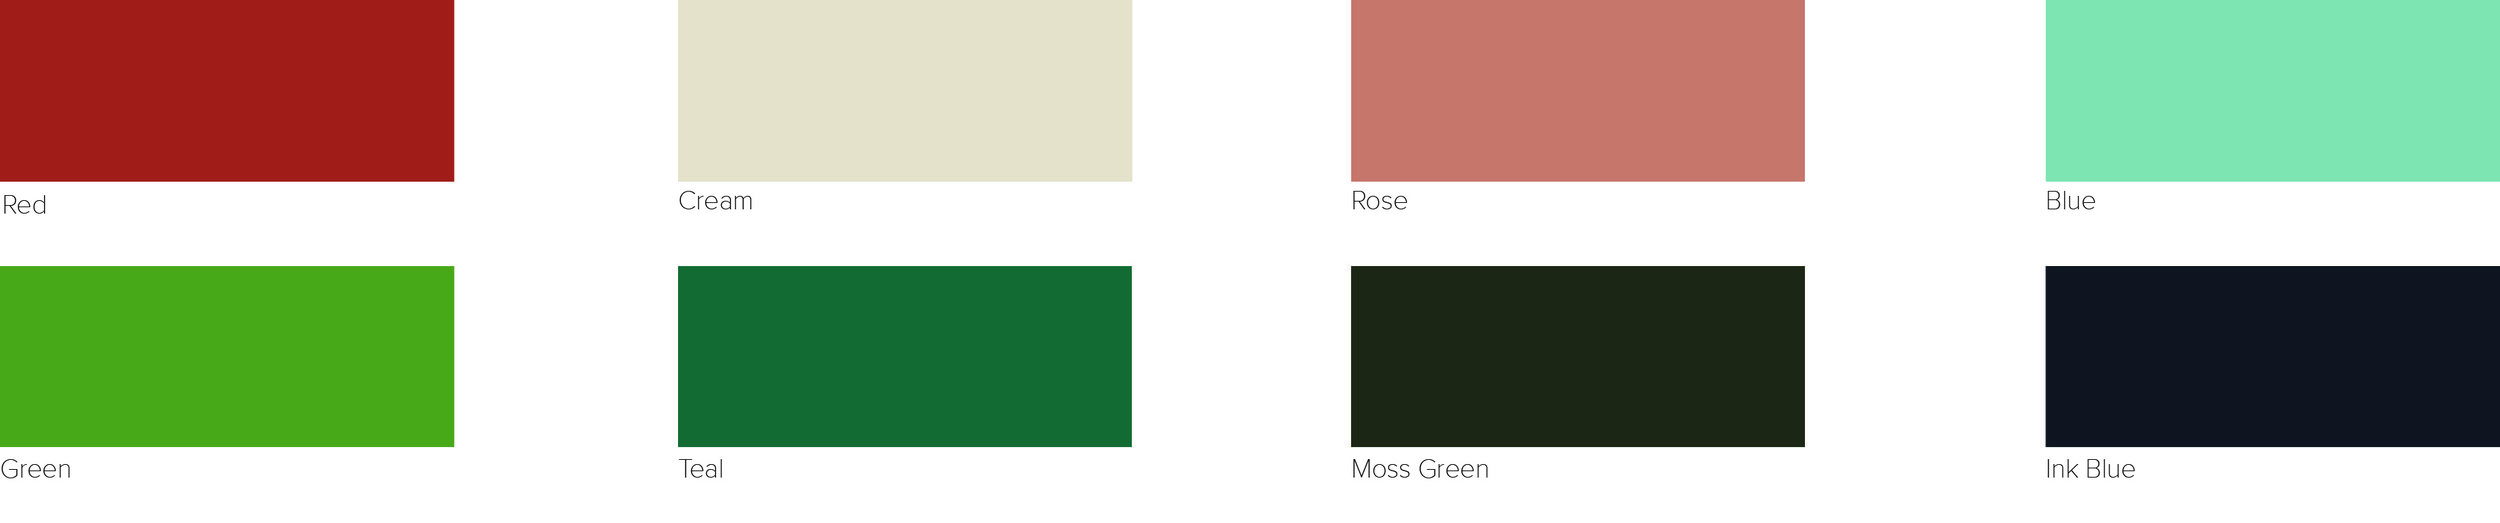 Freddie Grubb Colour Chart.jpg